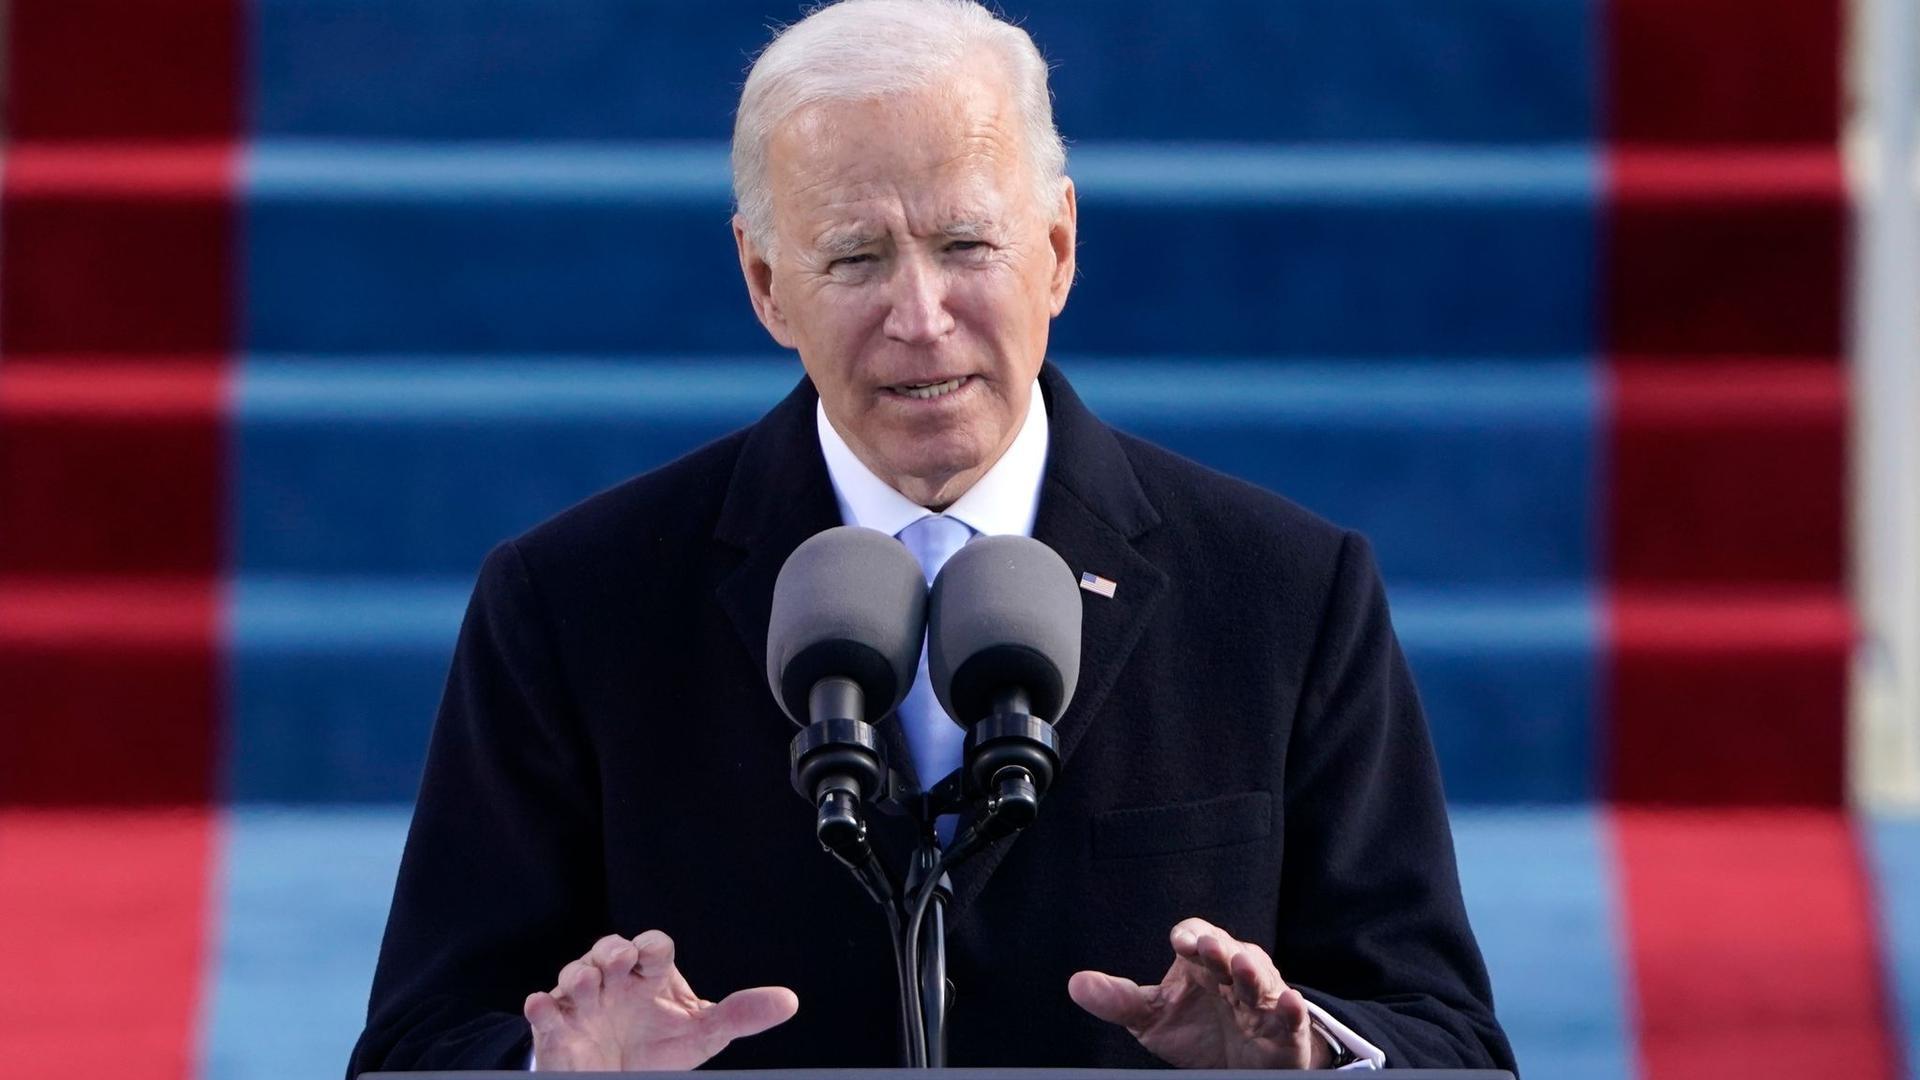 Nach der Vereidigung kündigt der neue US-Präsident Joe Biden die Rückkehr zum Pariser Klimaabkommen an.